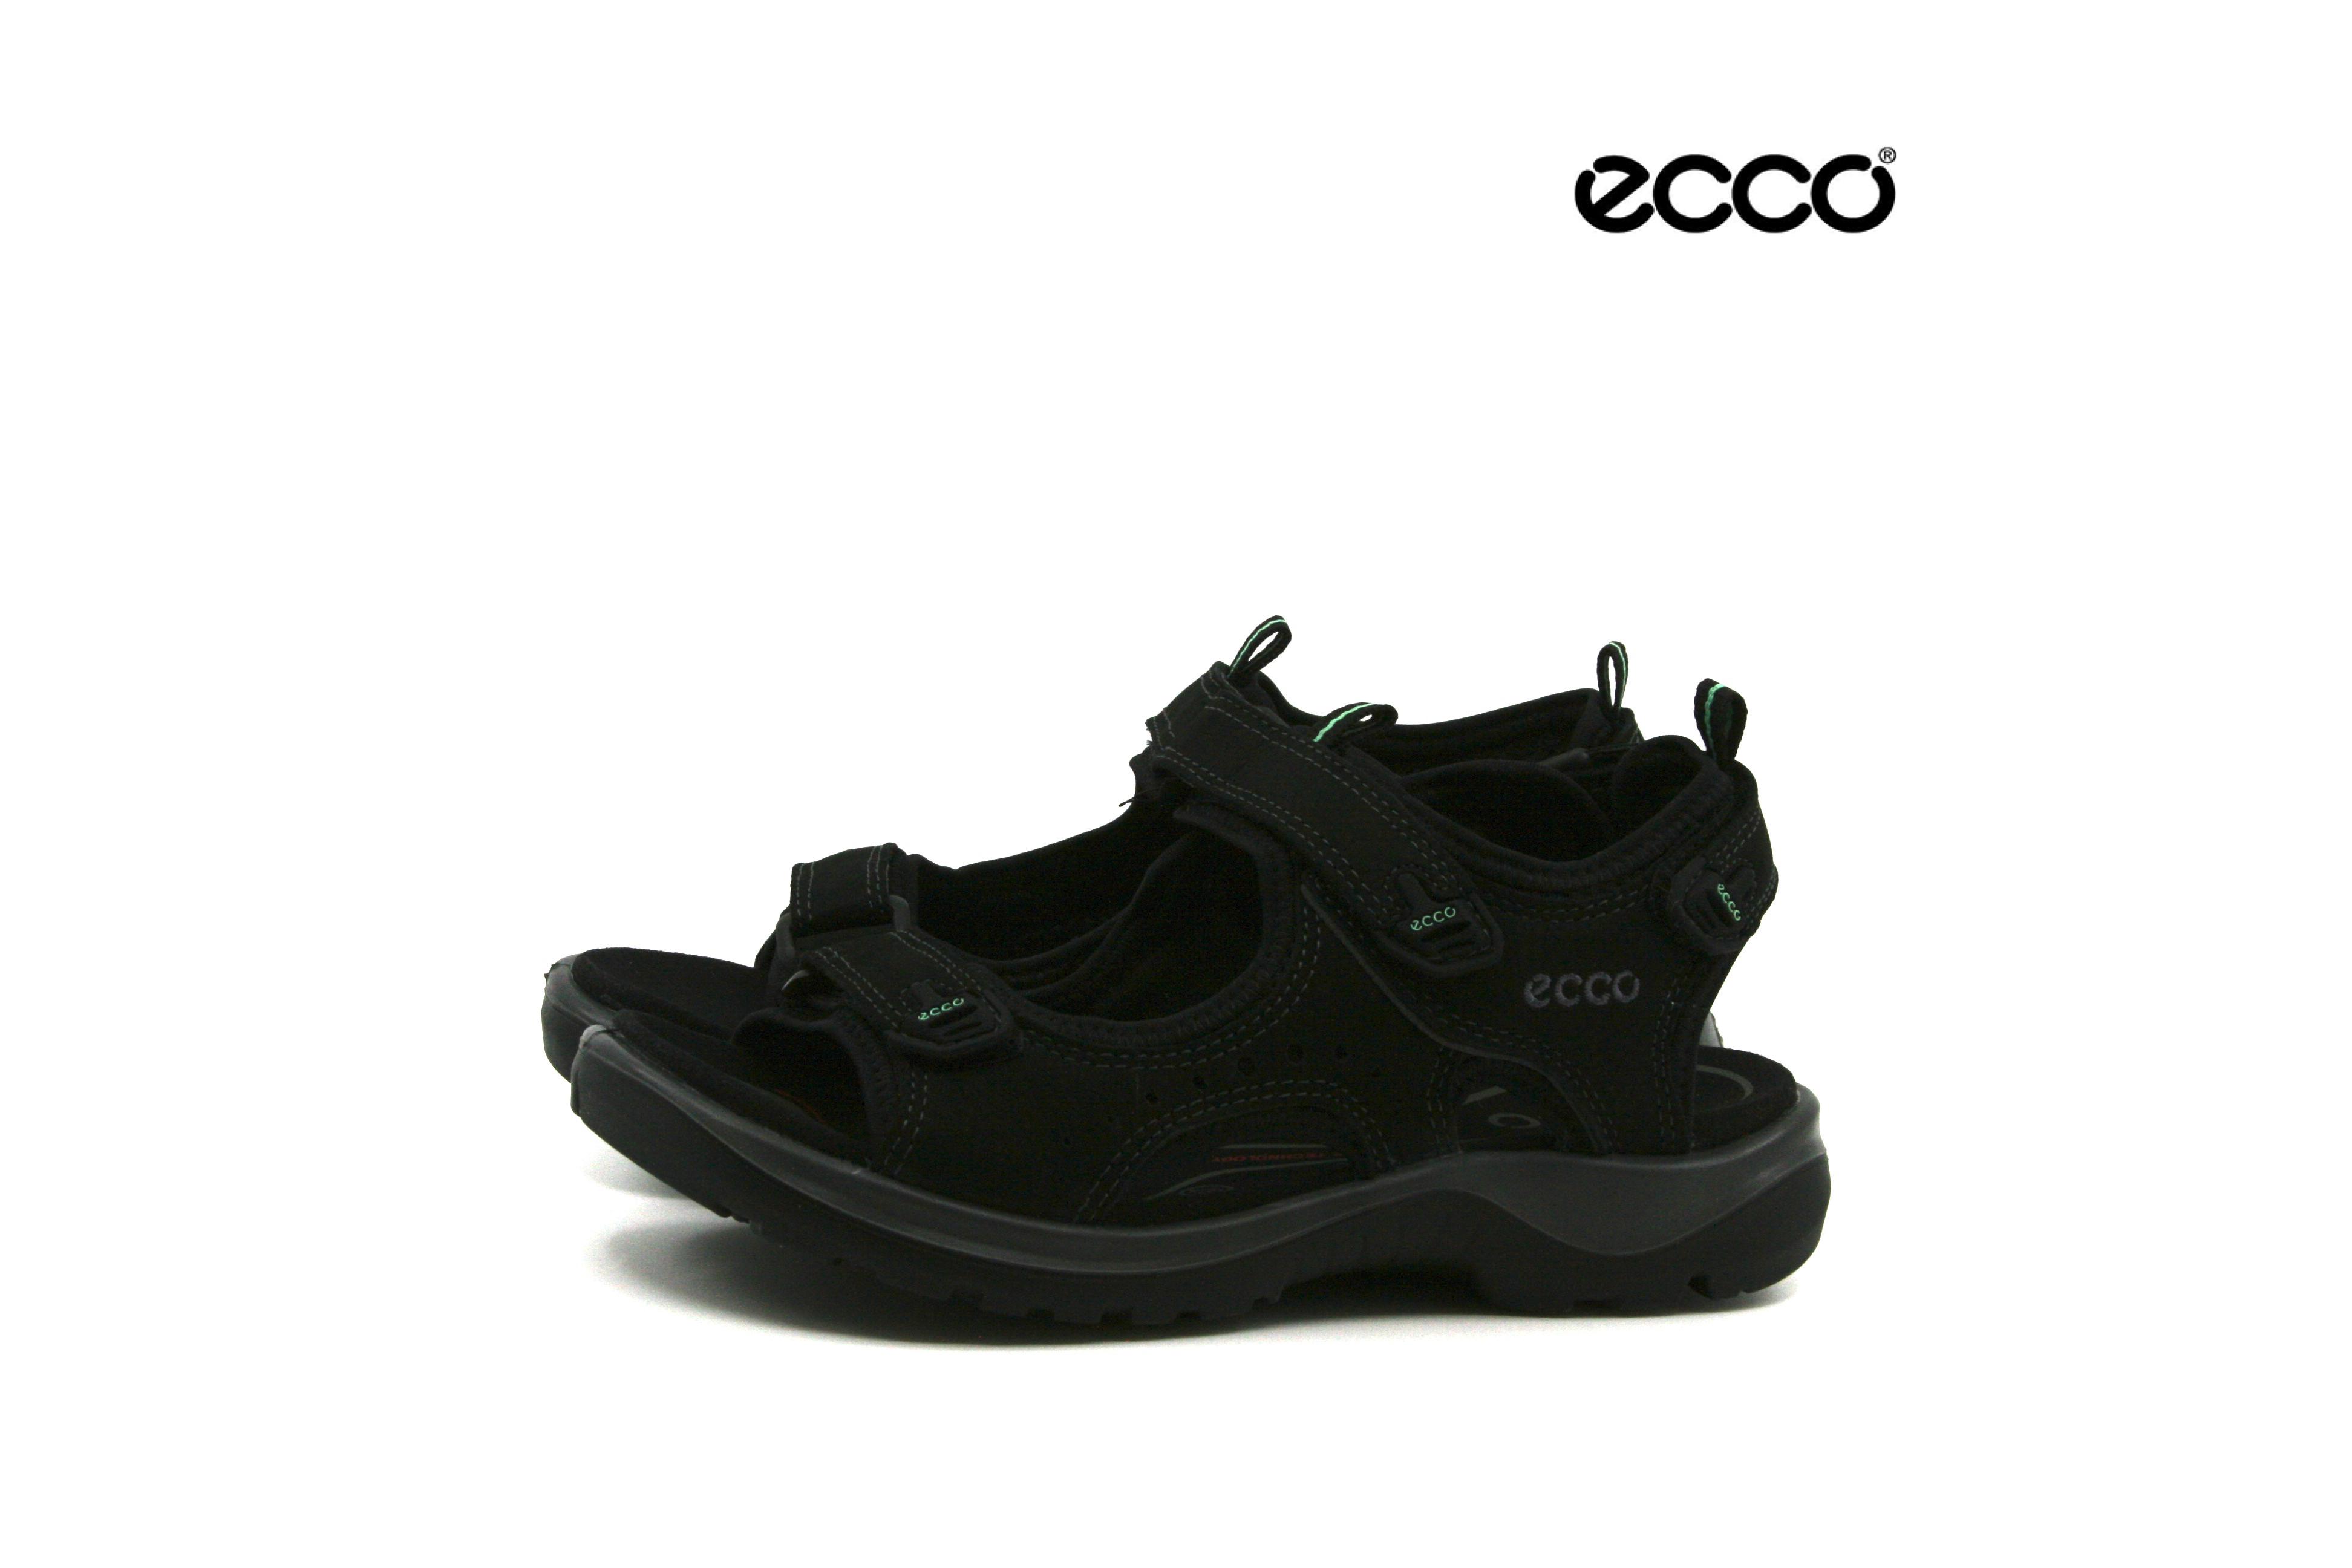 c30a5035da93 Damkjaer Sko Online Shop - Ecco Sandal Dame Sort